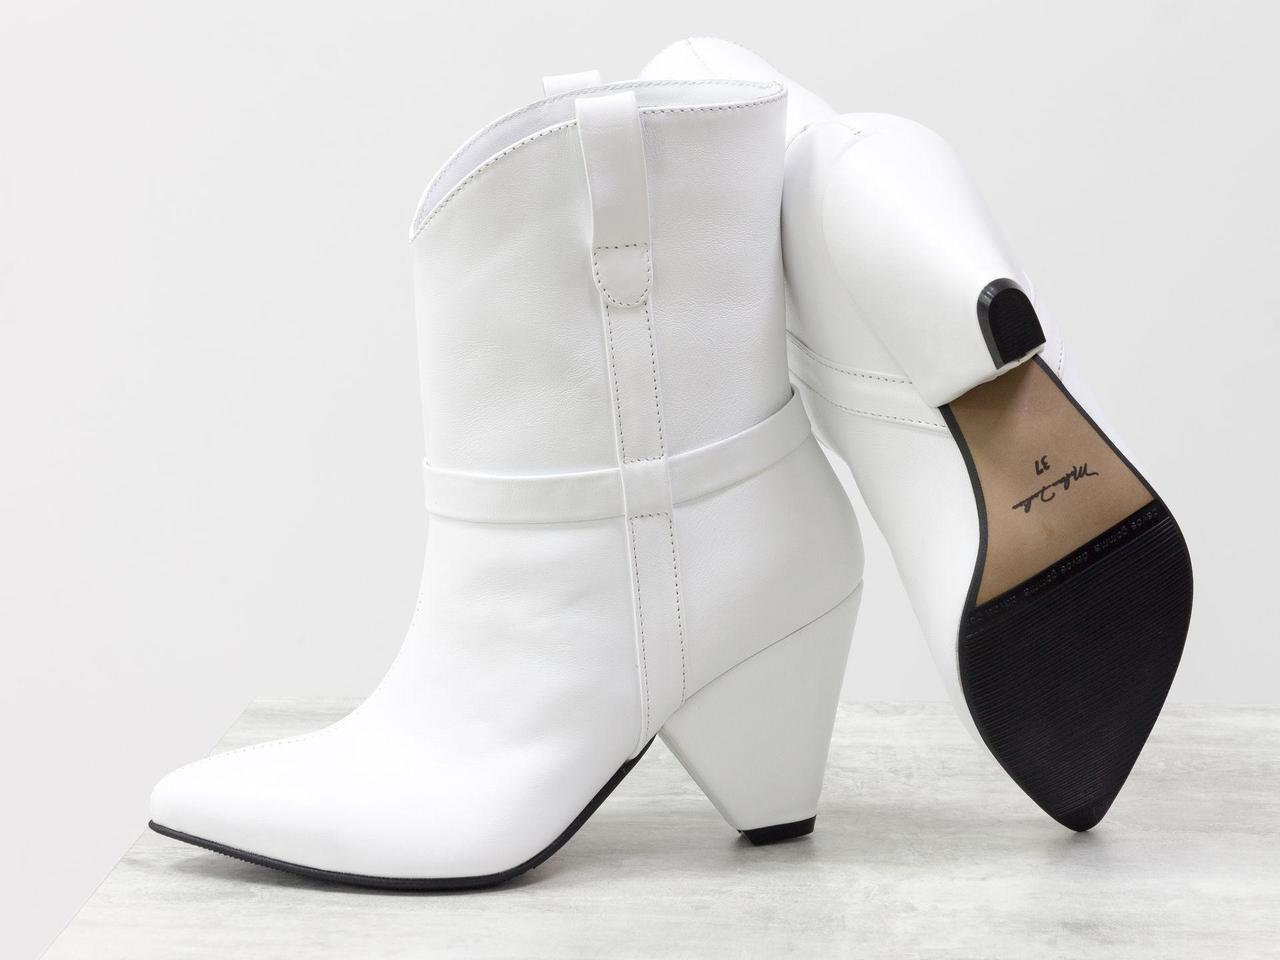 Стильные сапоги казаки из натуральной кожи белого цвета на устойчивом высоком треугольном каблуке